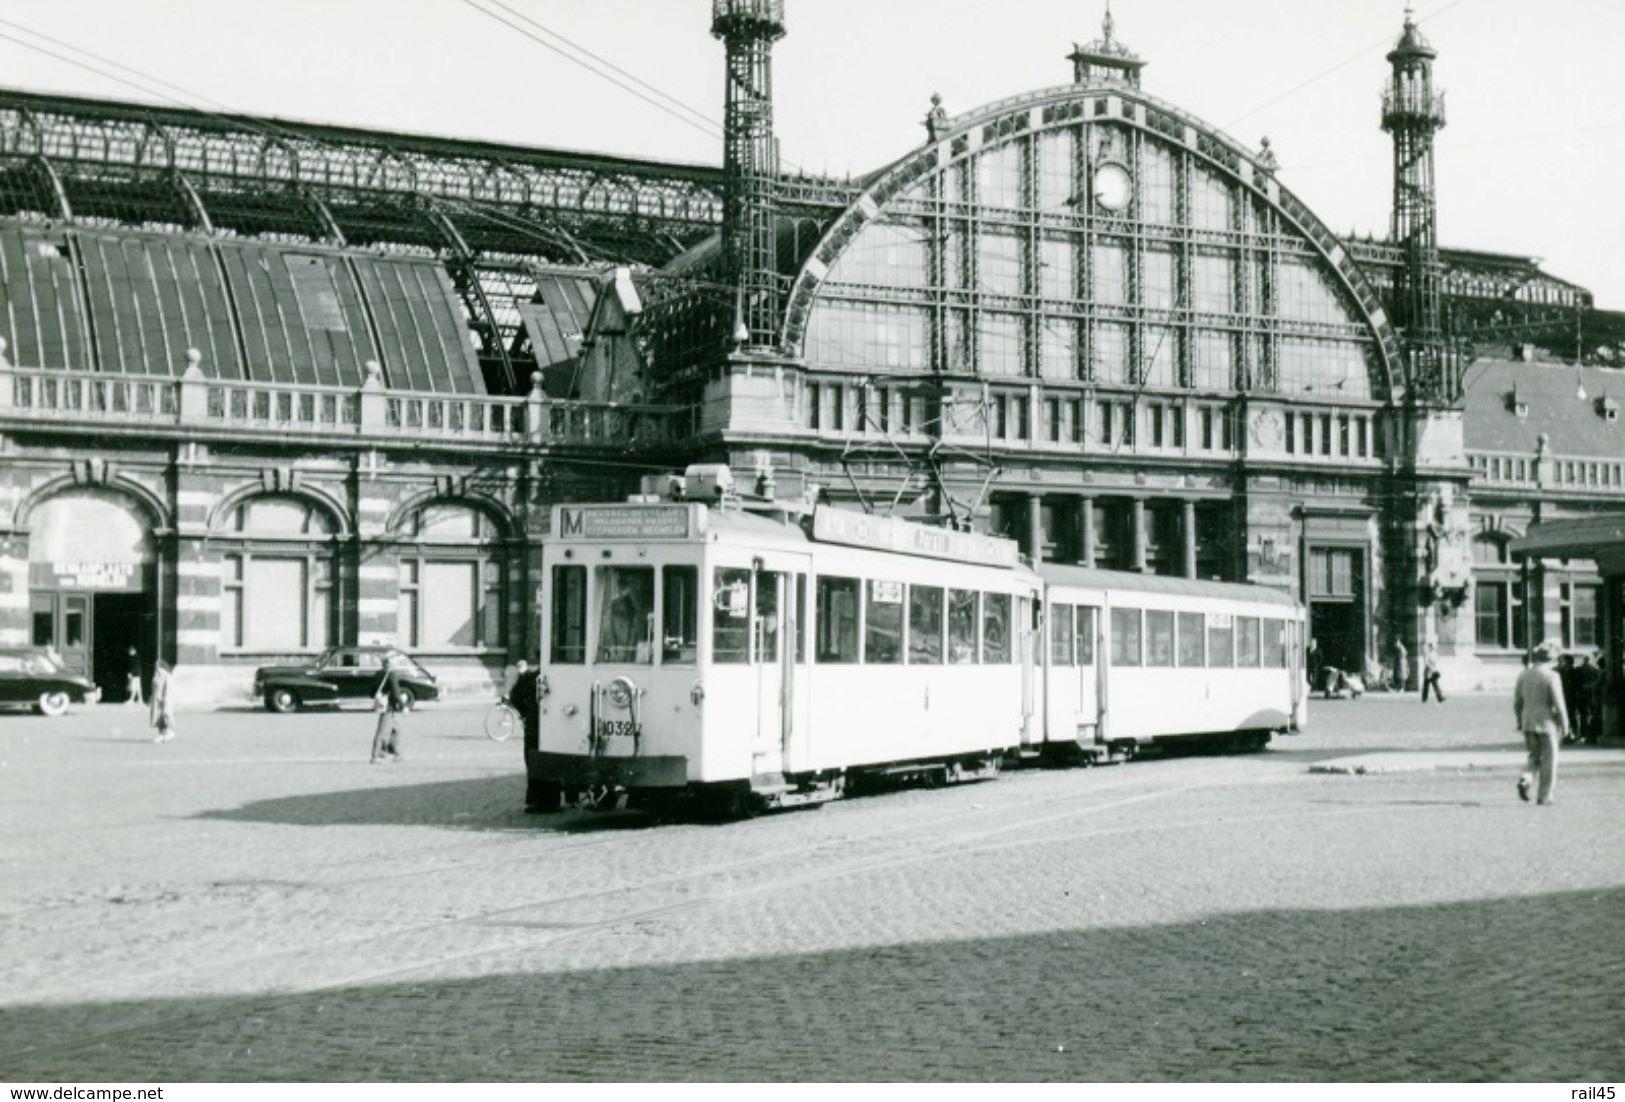 Mechelen (Station). SNCV-Brabant. Cliché Jacques Bazin. 01-05-1953 - Trains